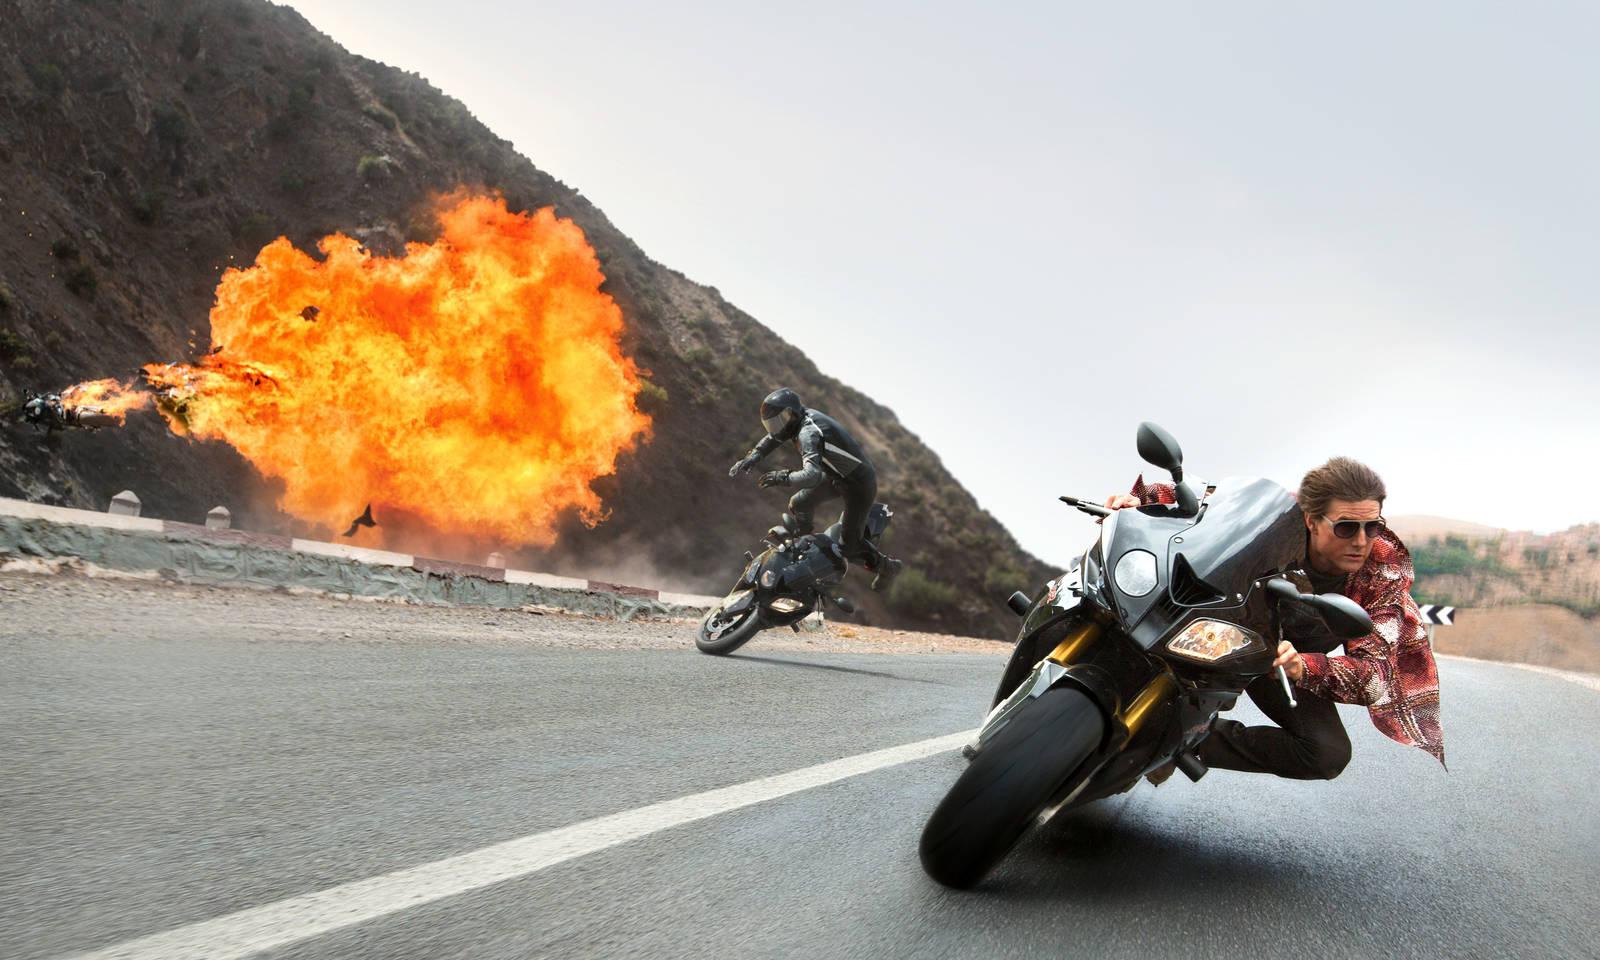 Recenzia filmu Mission Impossible 5: Národ grázlov